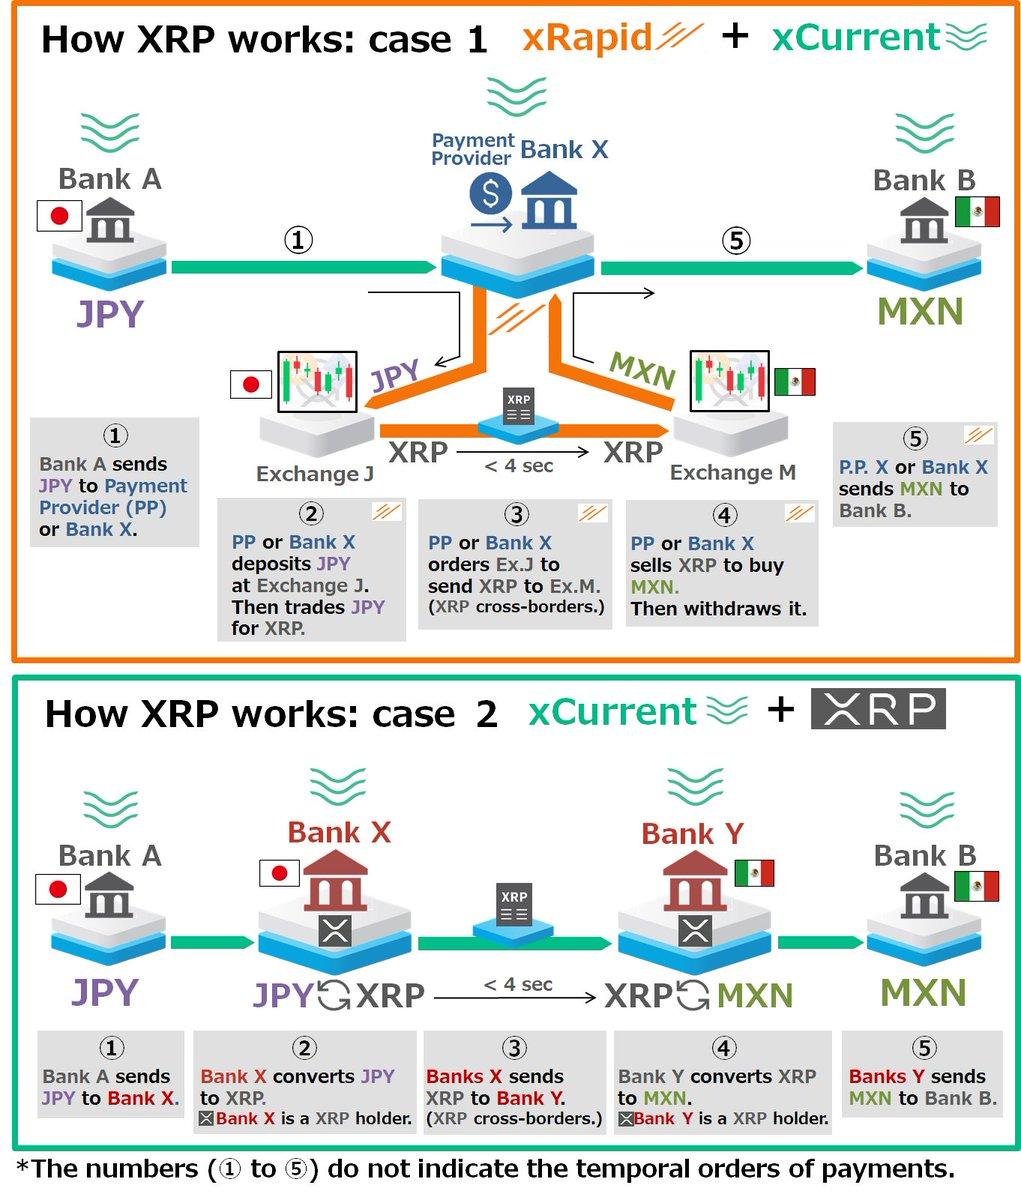 """てにったー on Twitter: """"This first infographic in the Ripple's official document does not show """"xRapid"""" use cases but """"xCurrent + XRP"""". See the second infographic I drew and compare the difference. In"""